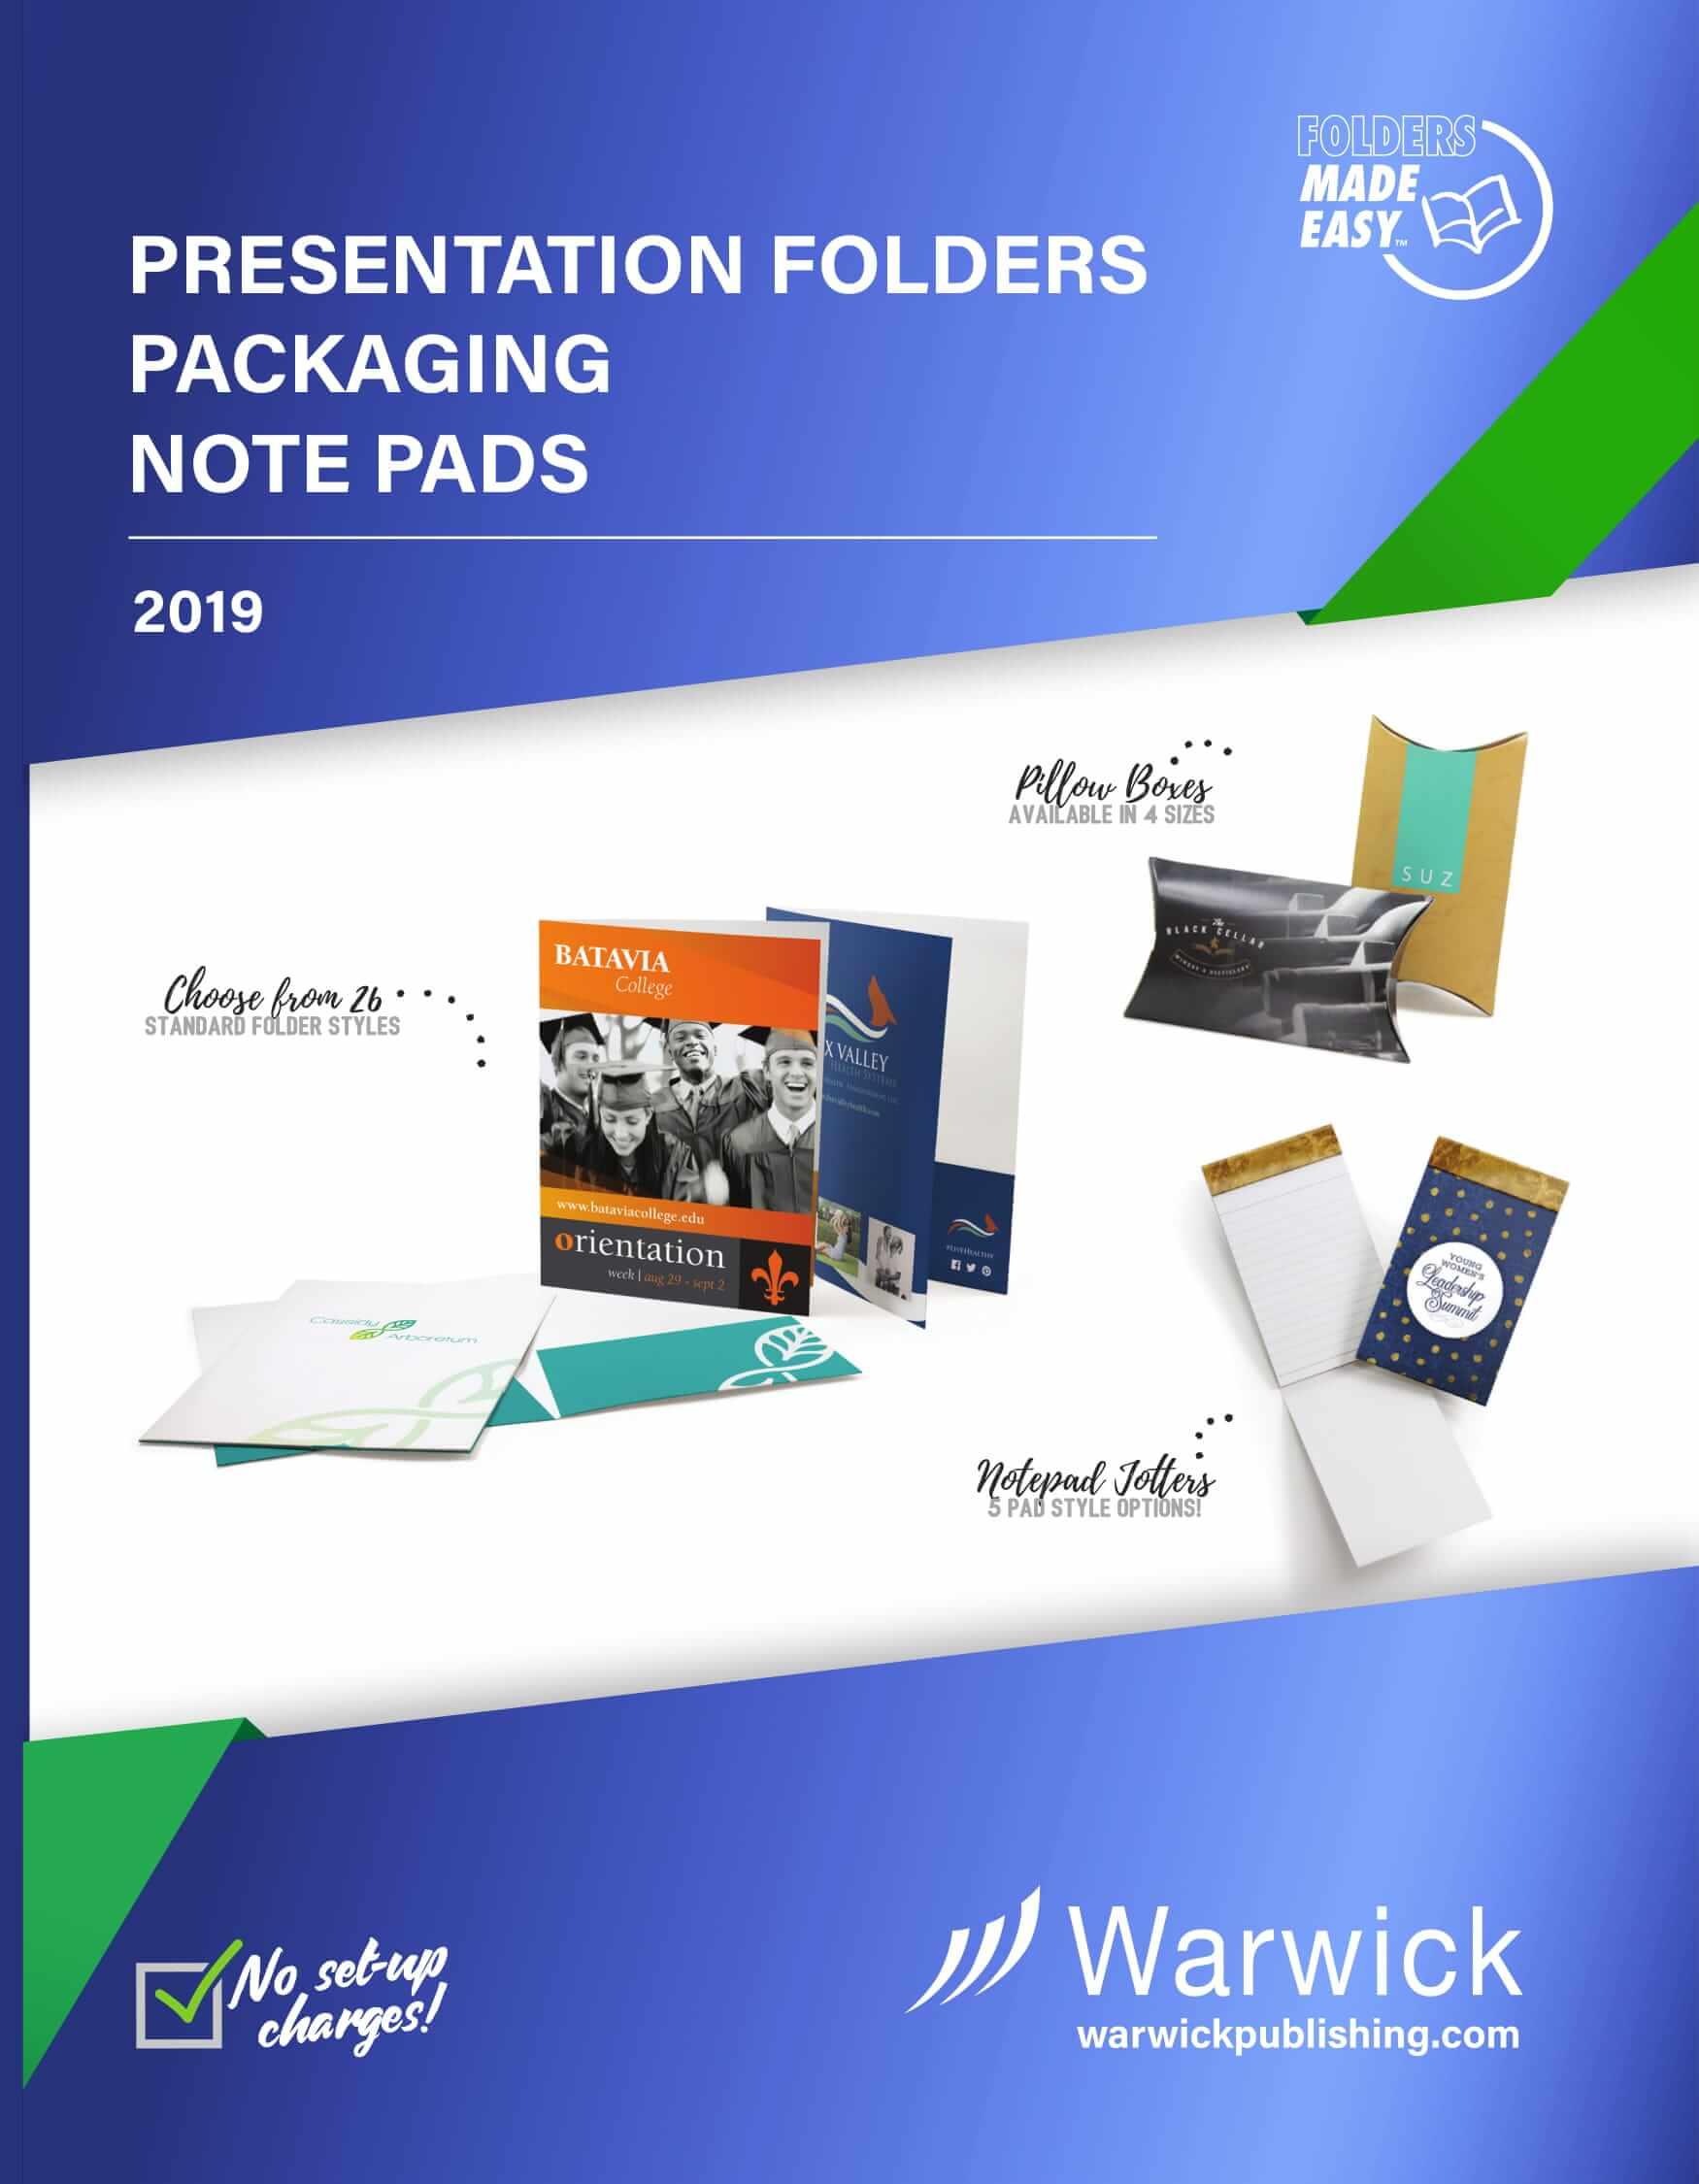 Presentation Folders Packaging Note Pads 2019